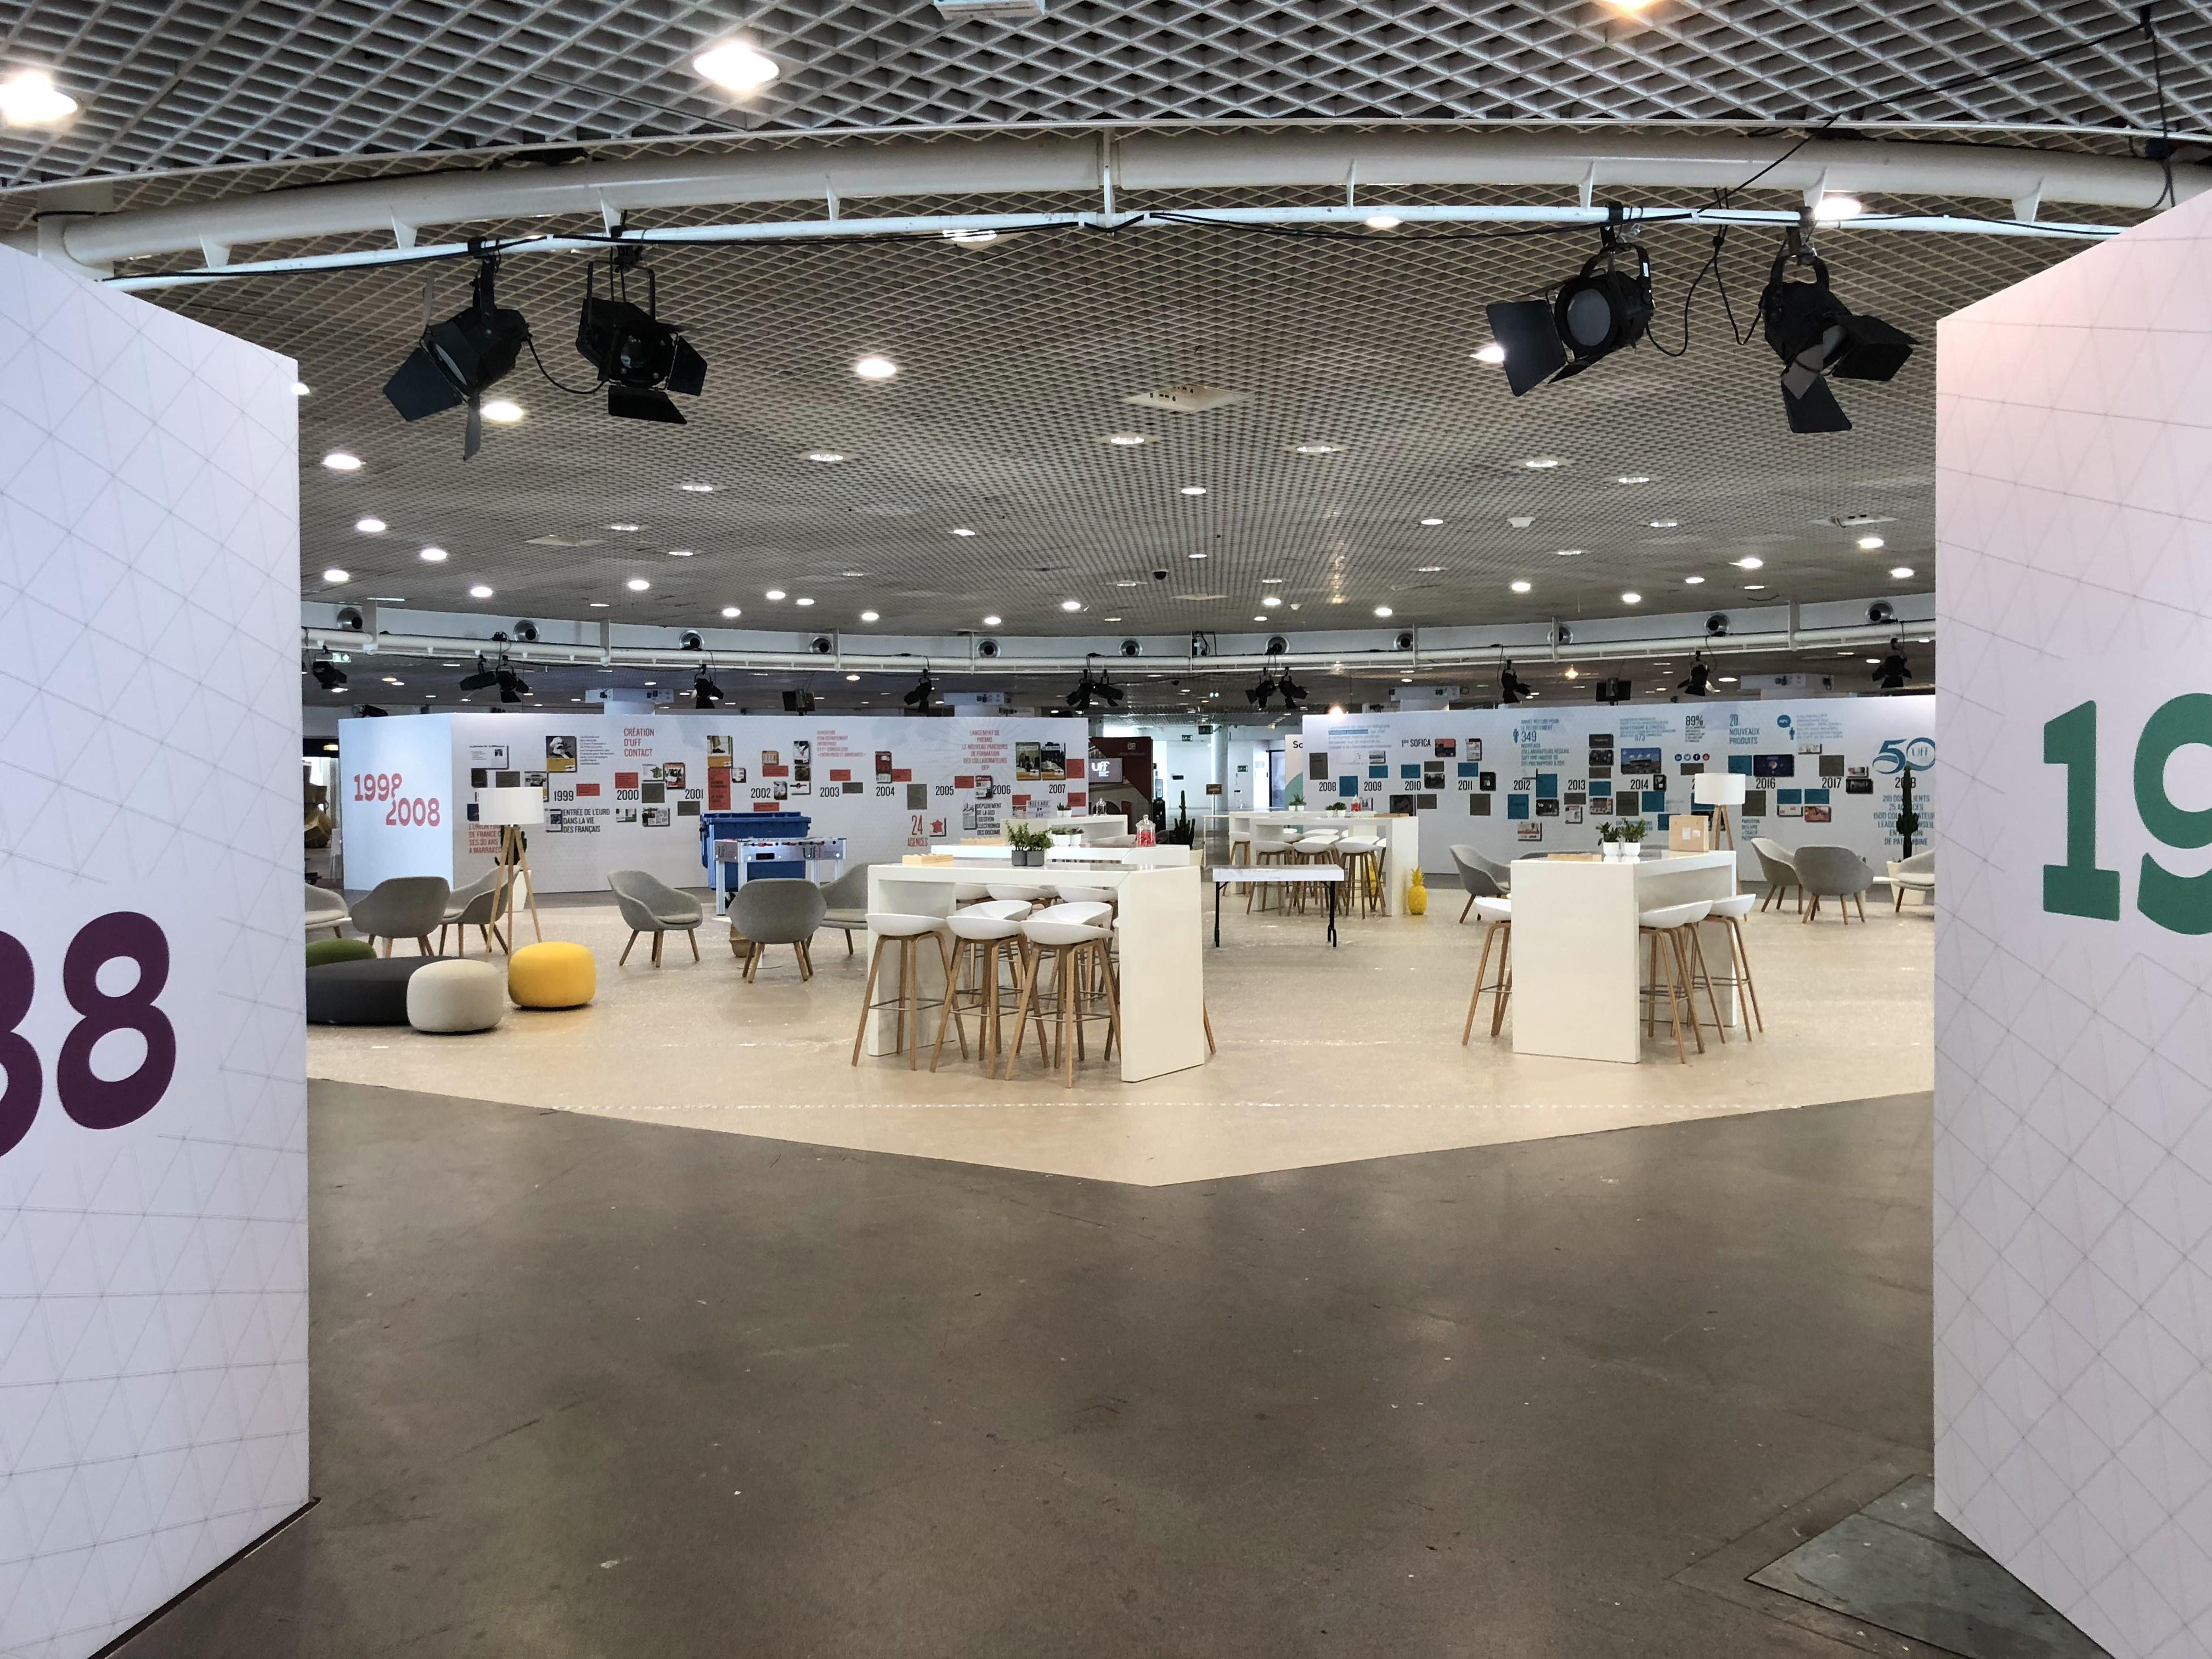 juin-aucop-event-evenementiel-UFF-cannes-antibes-palais des festivals-son-video-lumieres-scene